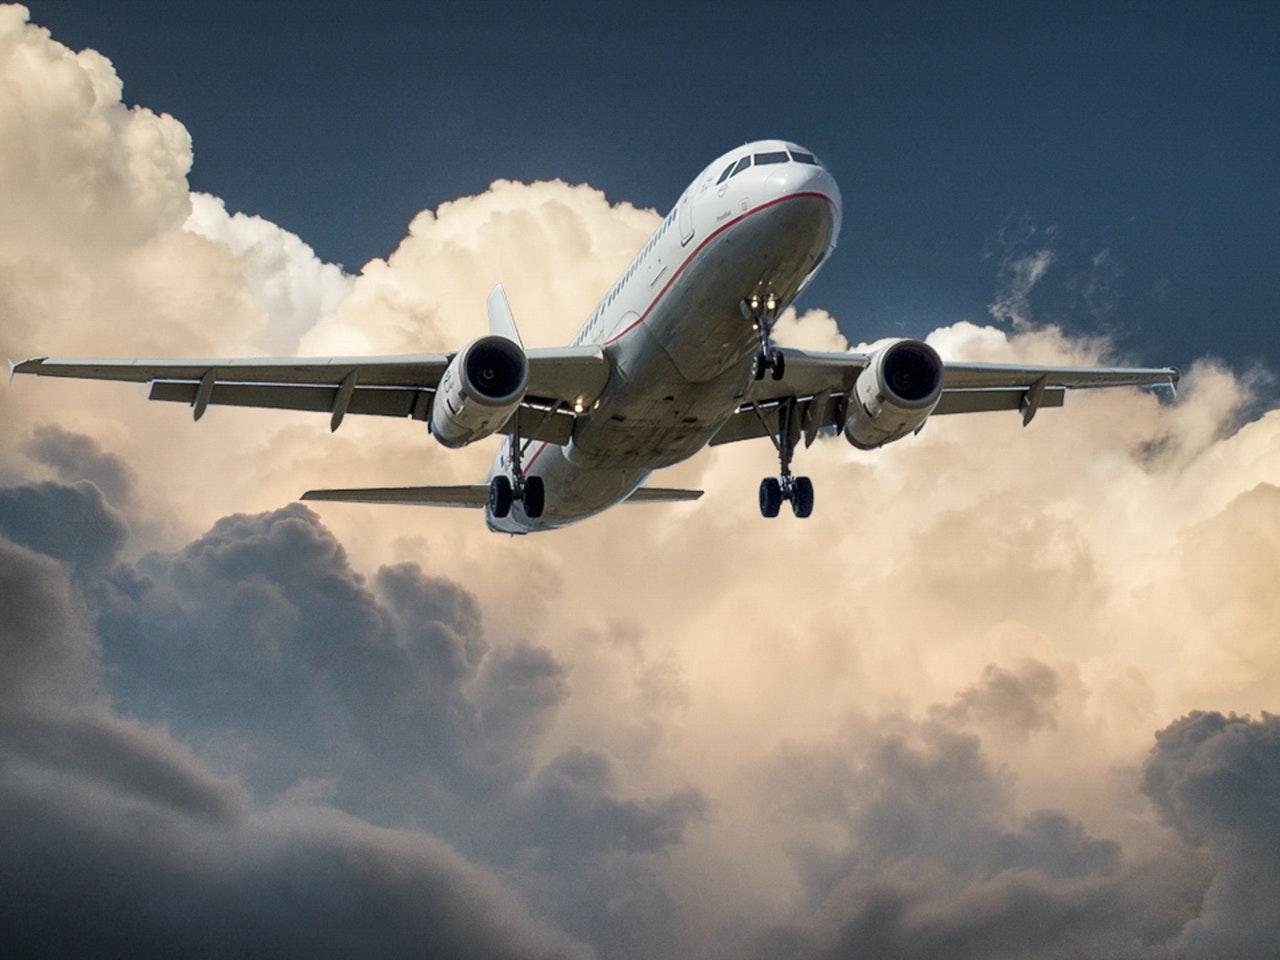 Brasileiros vão voar mais de avião! Estratégia do governo visa baixar preço das passagens aéreas